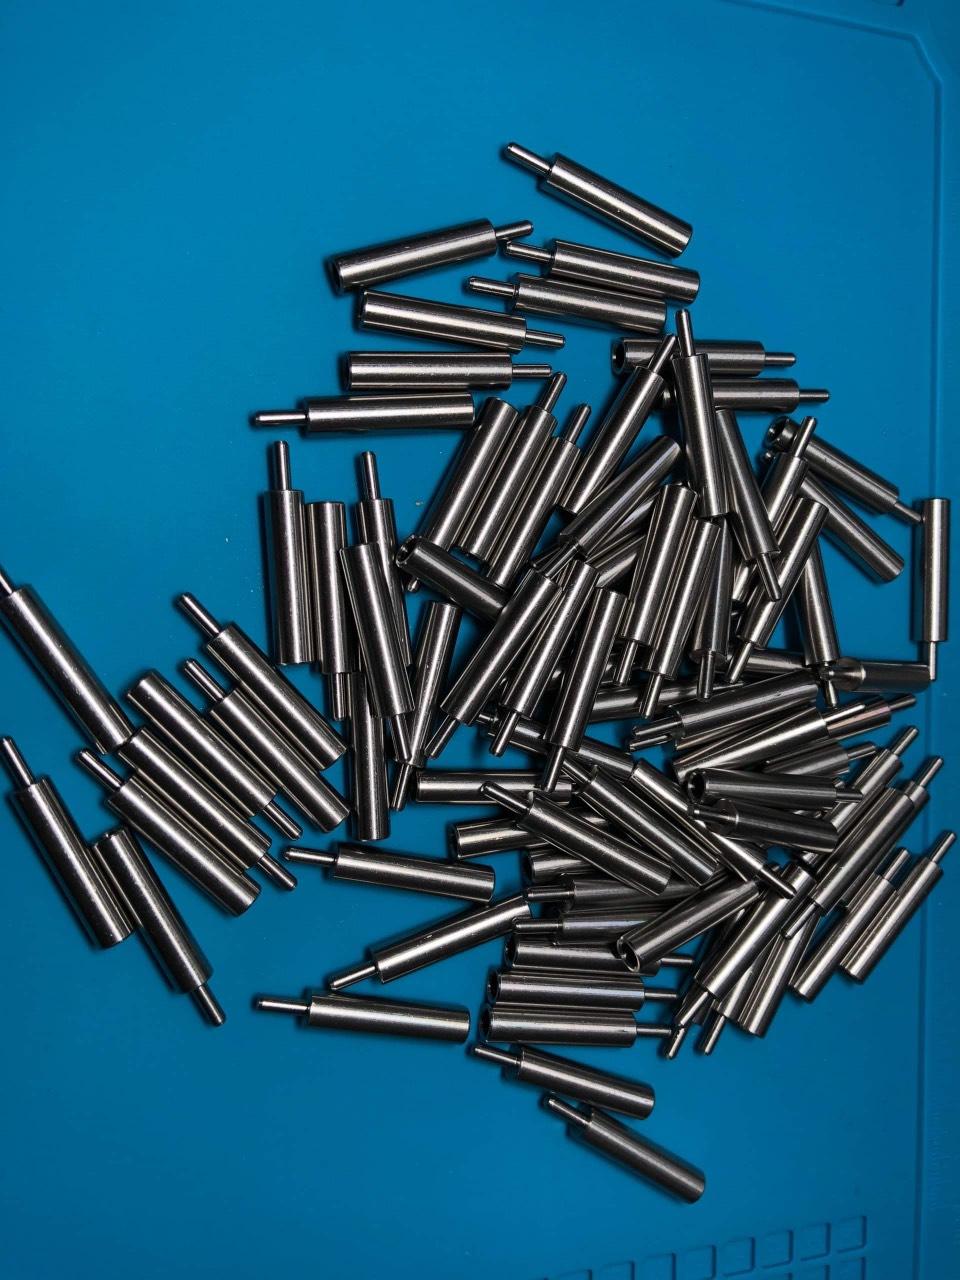 Cổng Adapter bằng inox chuyển đổi mũi hàn thường thành mũi hàn siêu nhon như JBC